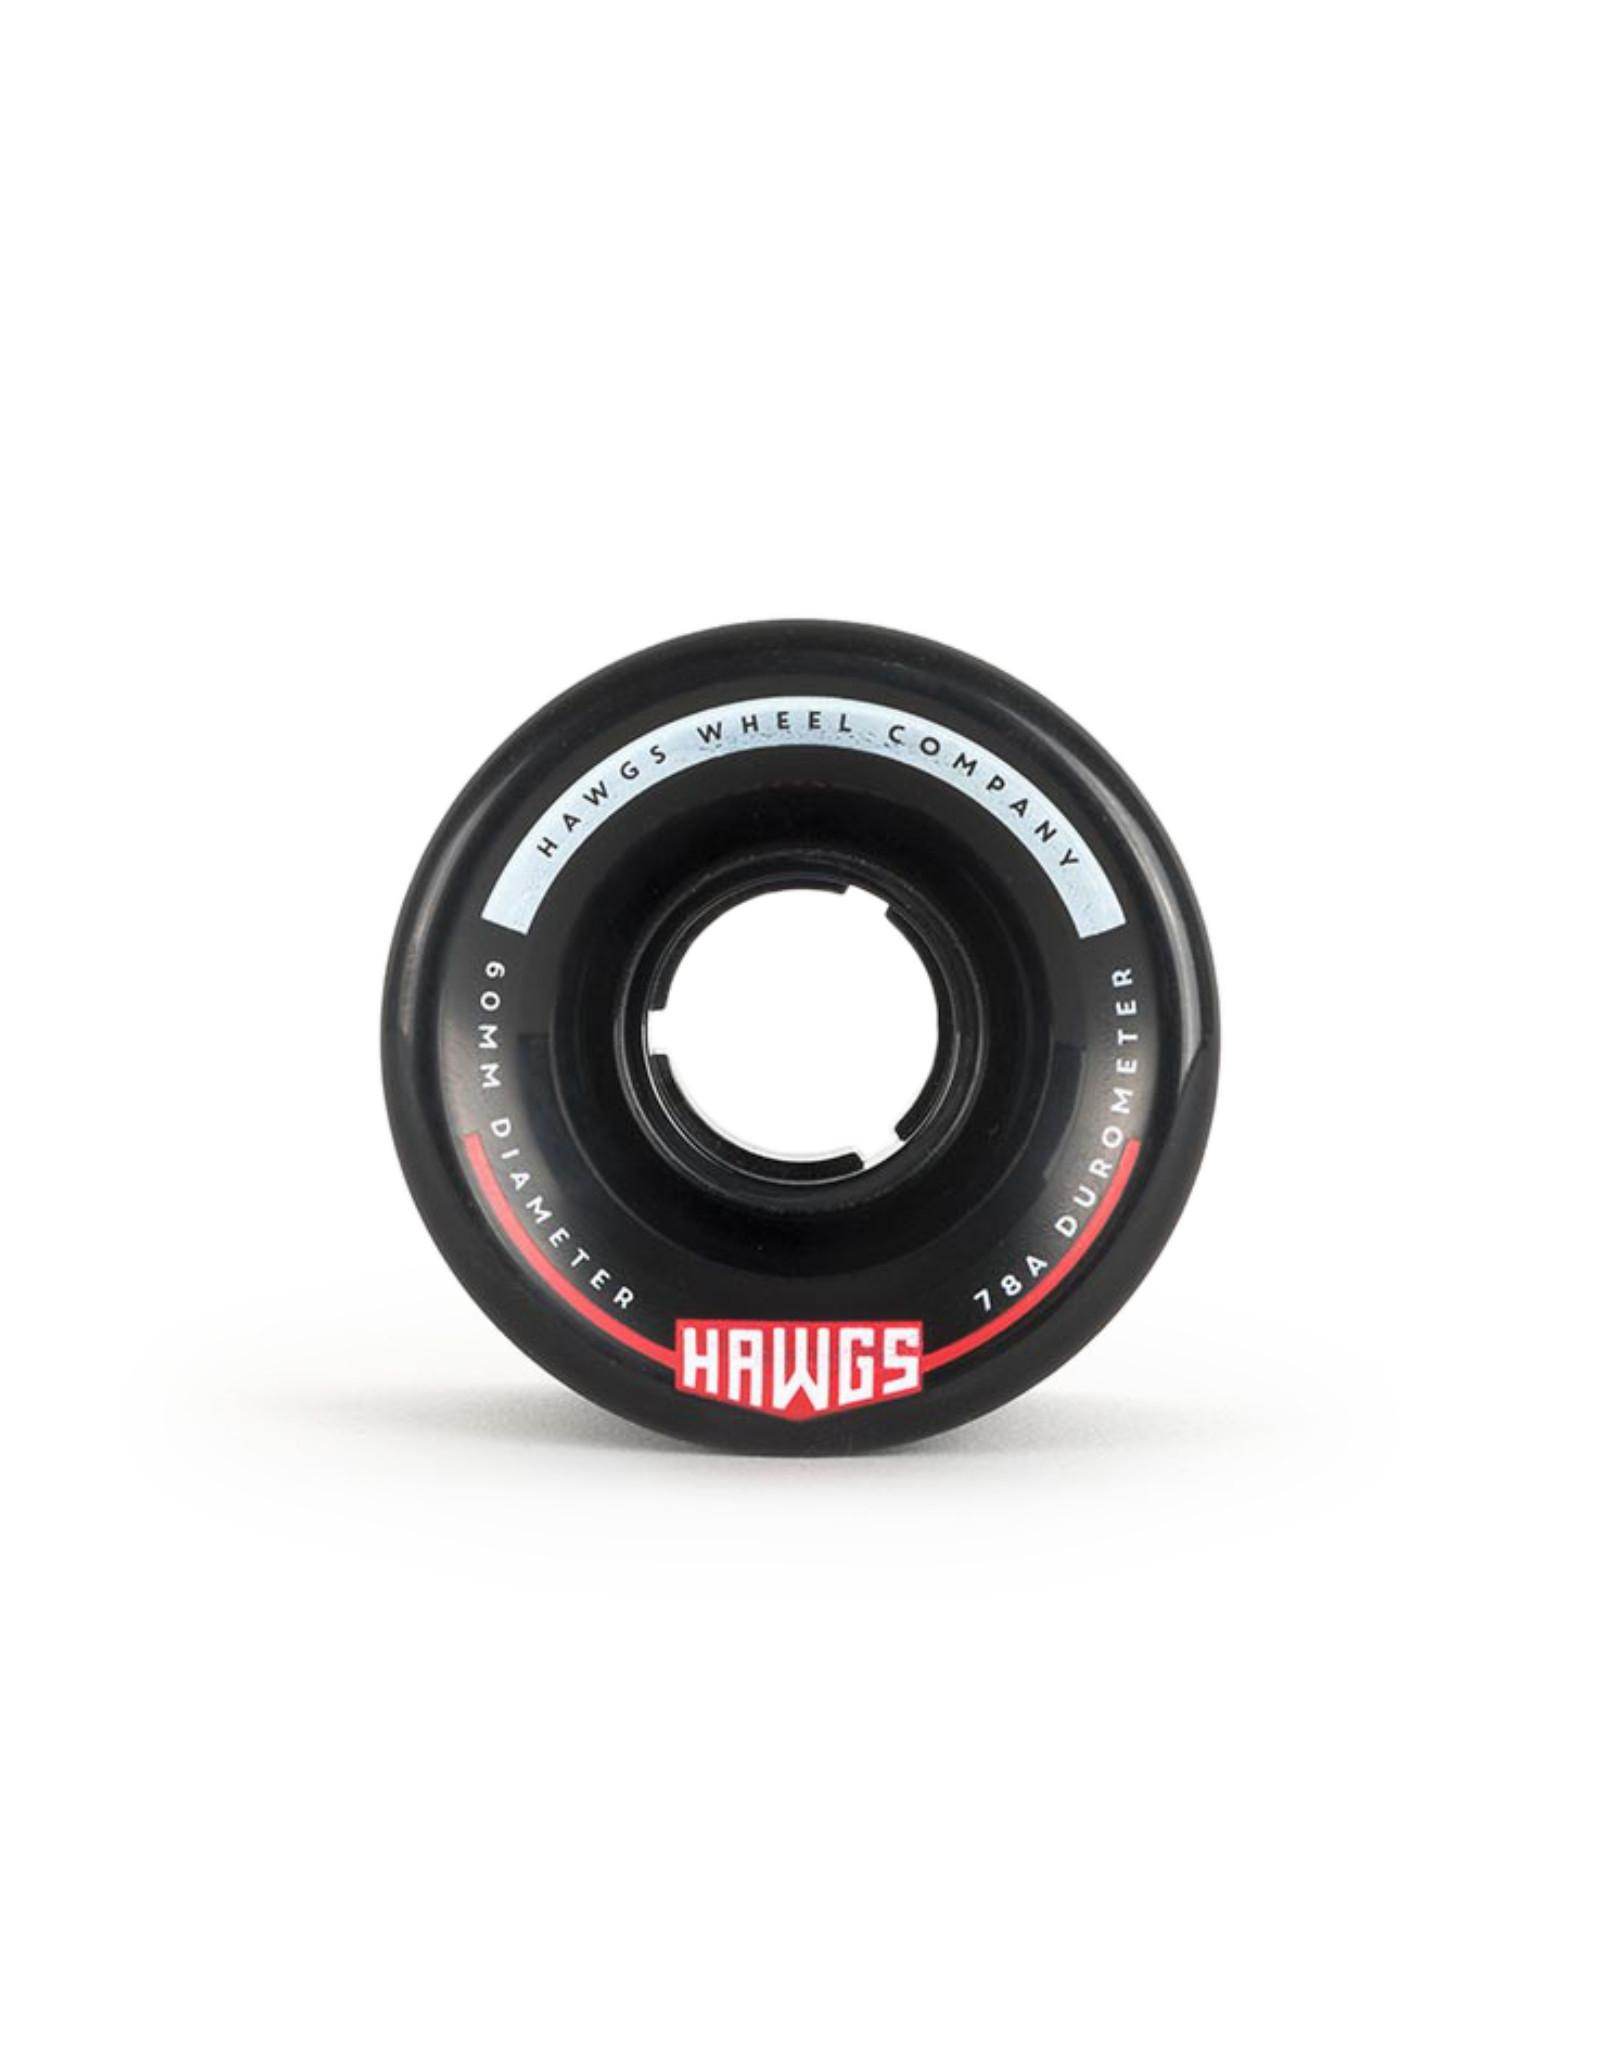 Hawgs Wheels Hawgs Chubby Rollen 60 mm 78A Black 4er-Set